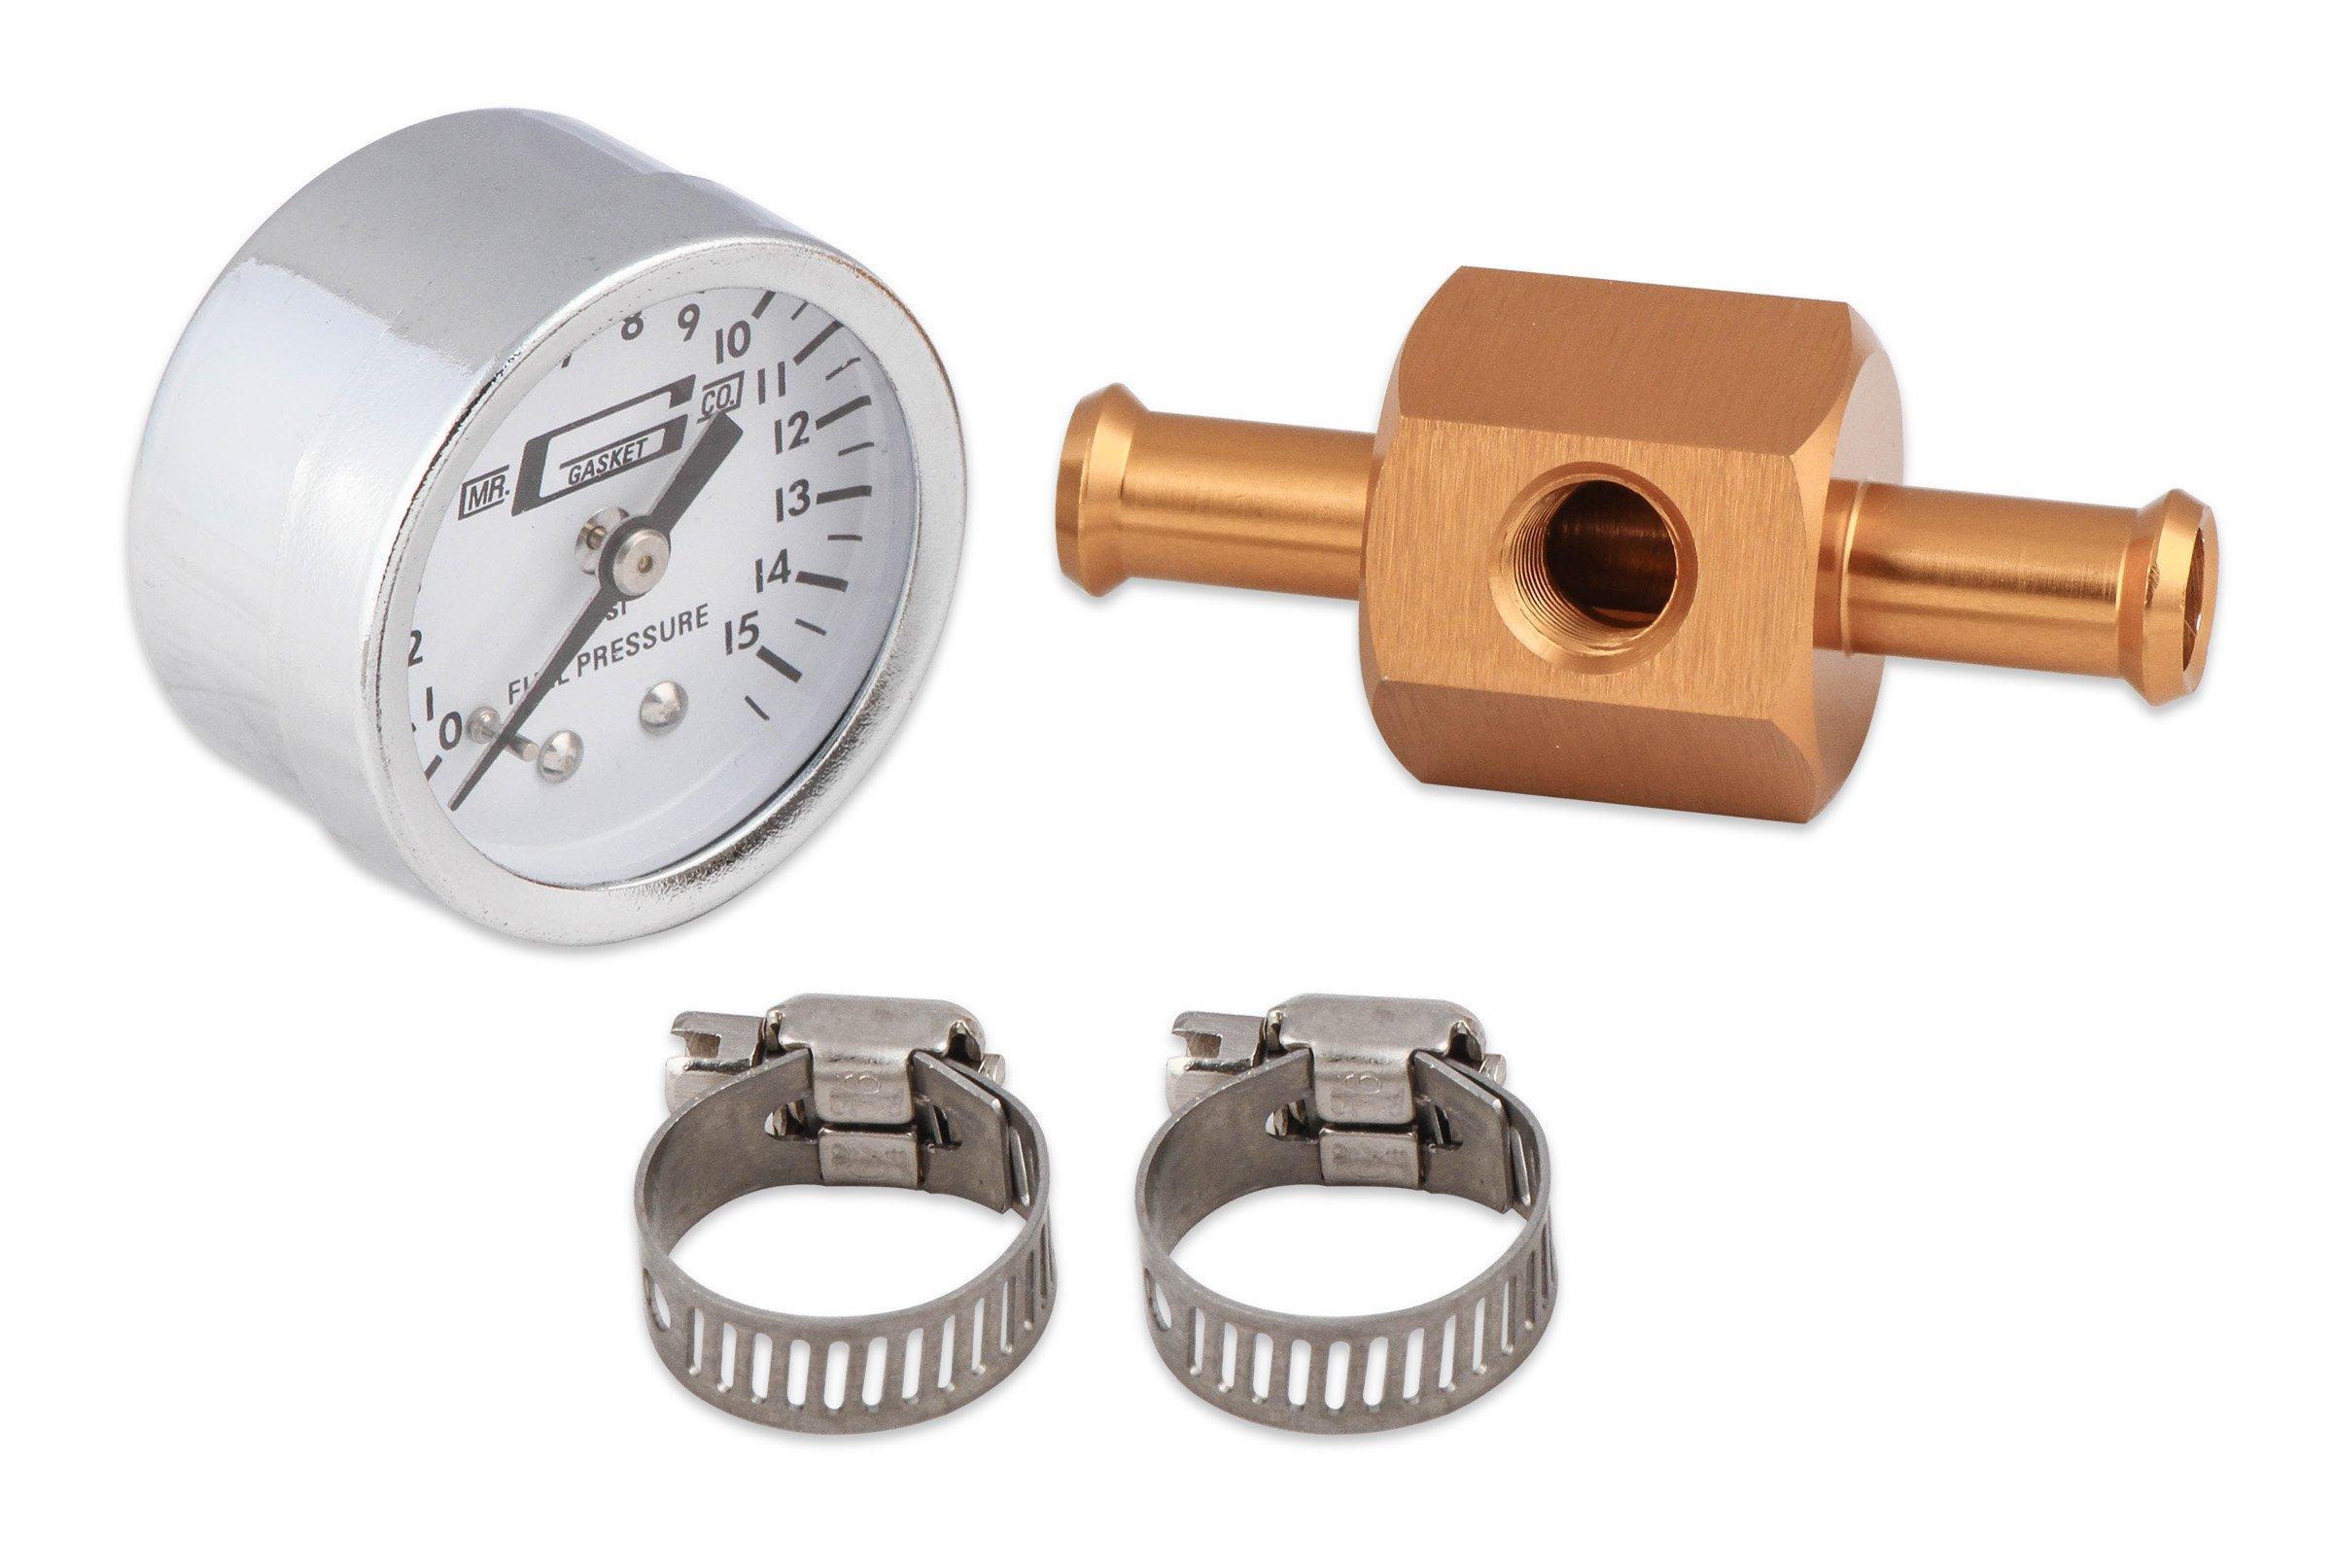 Mr  Gasket Fuel Block with 0-15 PSI Fuel Pressure Gauge